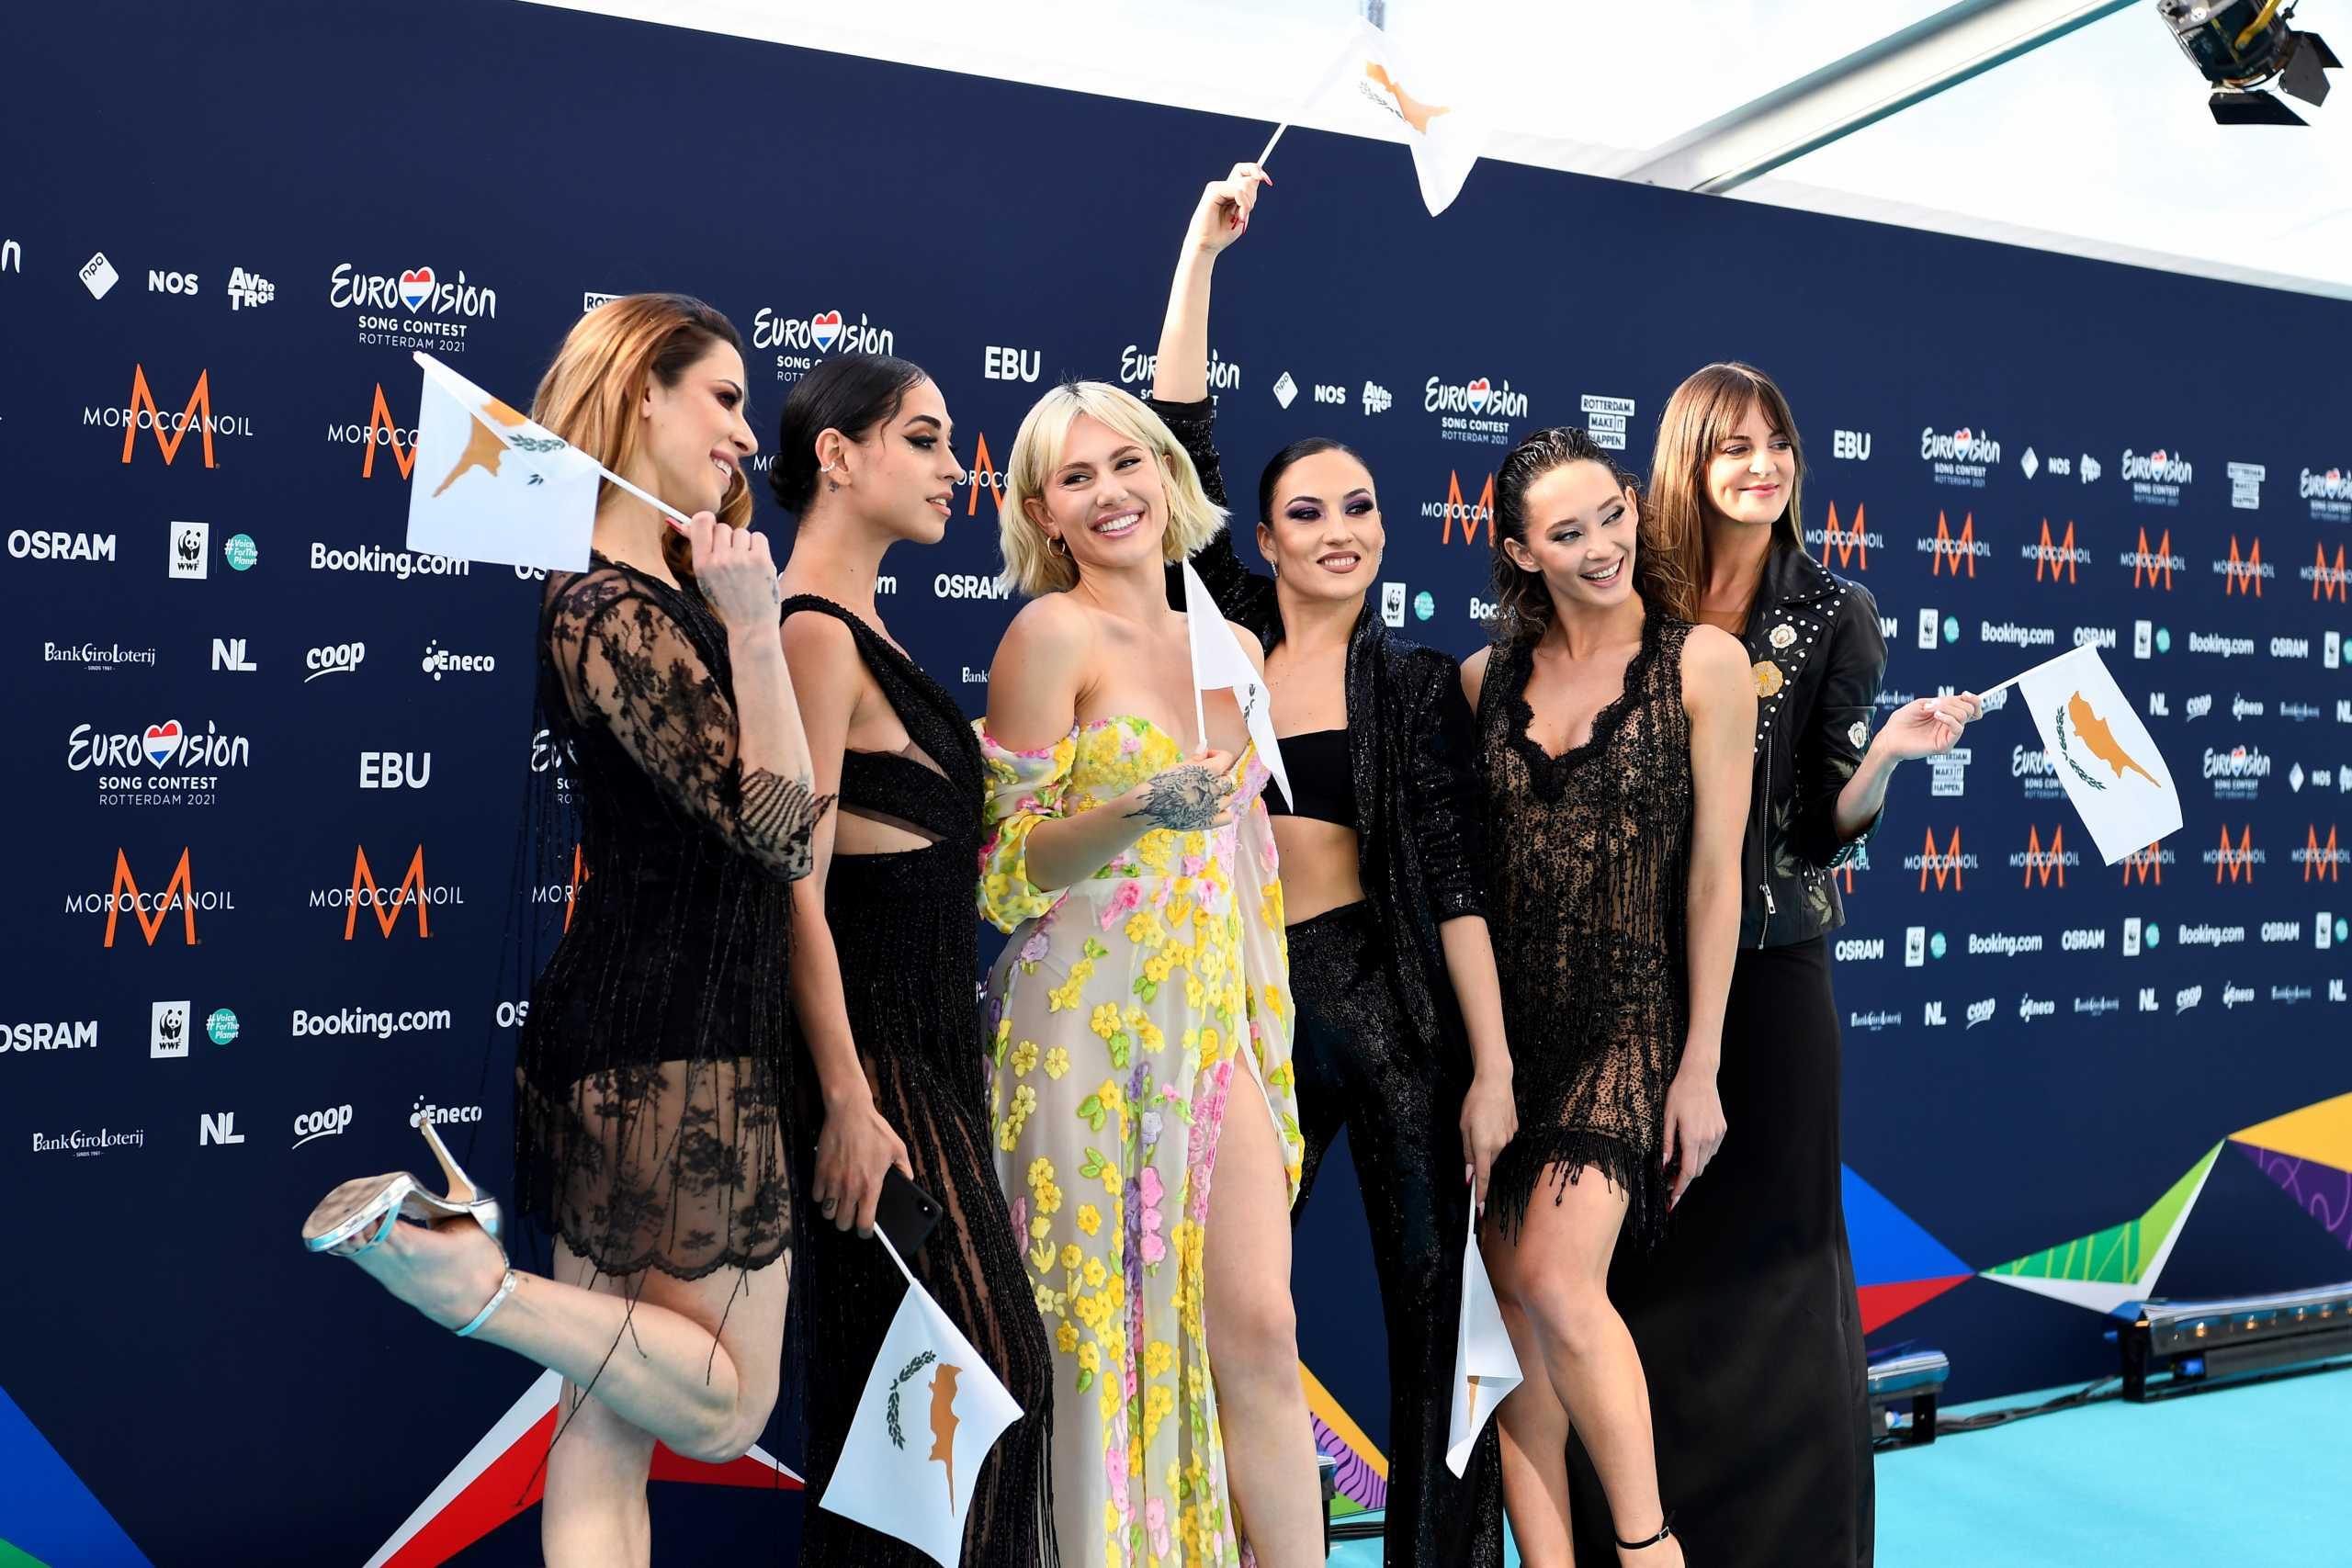 Eurovision 2021: Έλενα Τσαγκρινού και Στεφανία Λυμπερακάκη «βλέπουν» τελικό